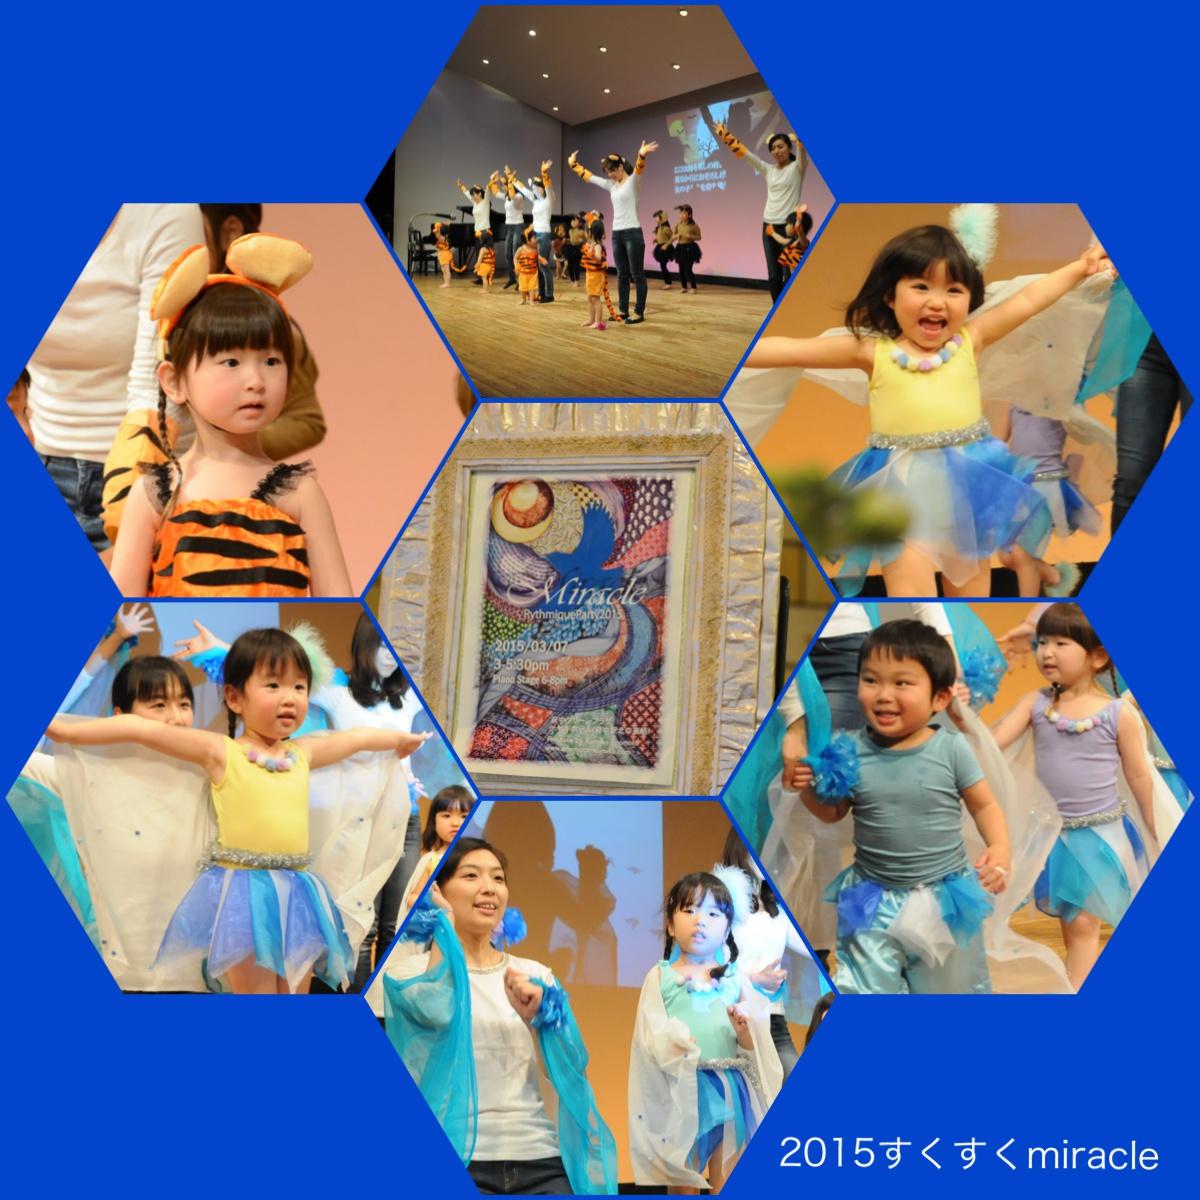 """2015リトミックパーティー""""miracle"""""""